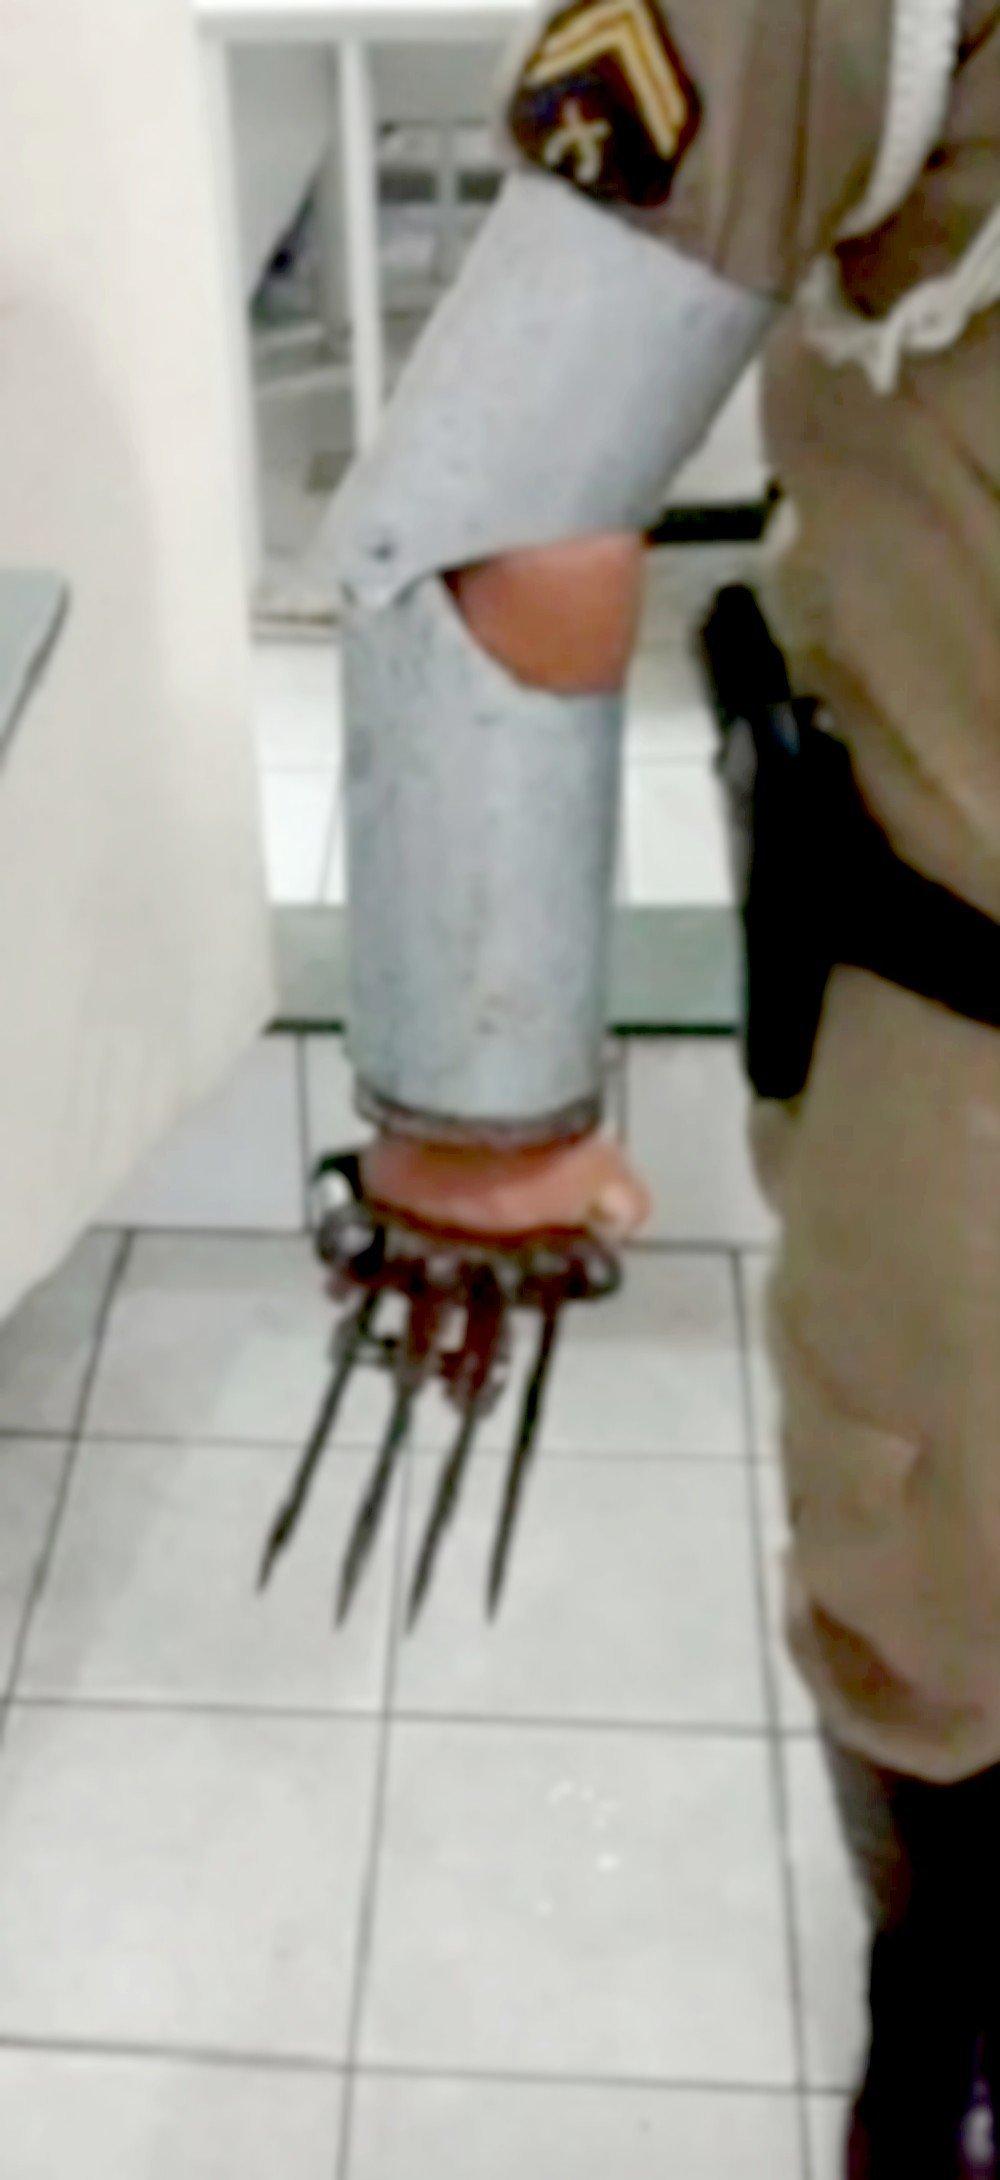 Um policial demostra como a armadura artesanal com as garras foi usada